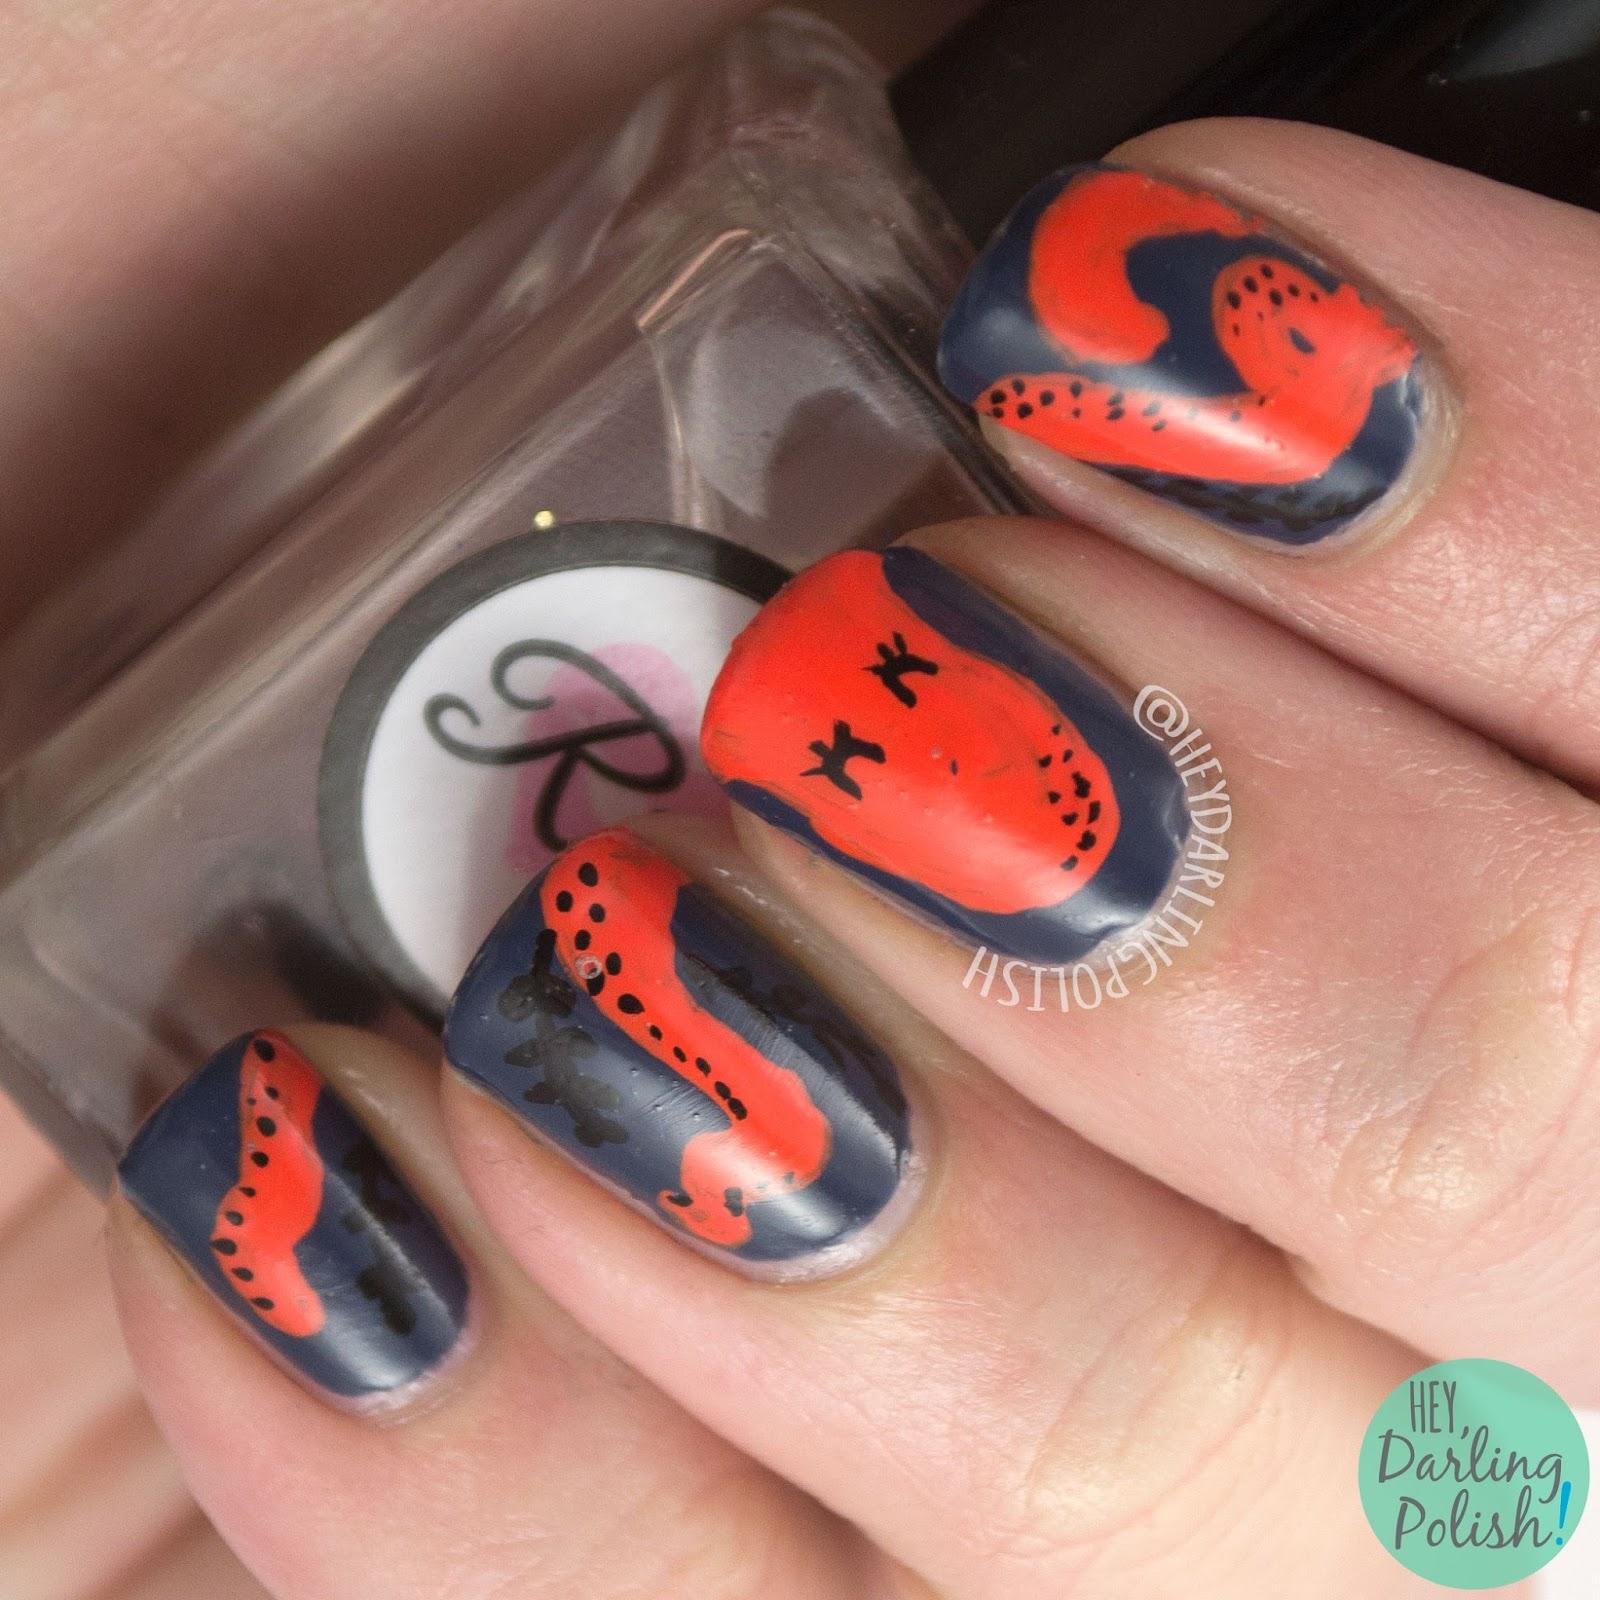 nails, nail art, nail polish, octopus, hey darling polish, pattern, guest post